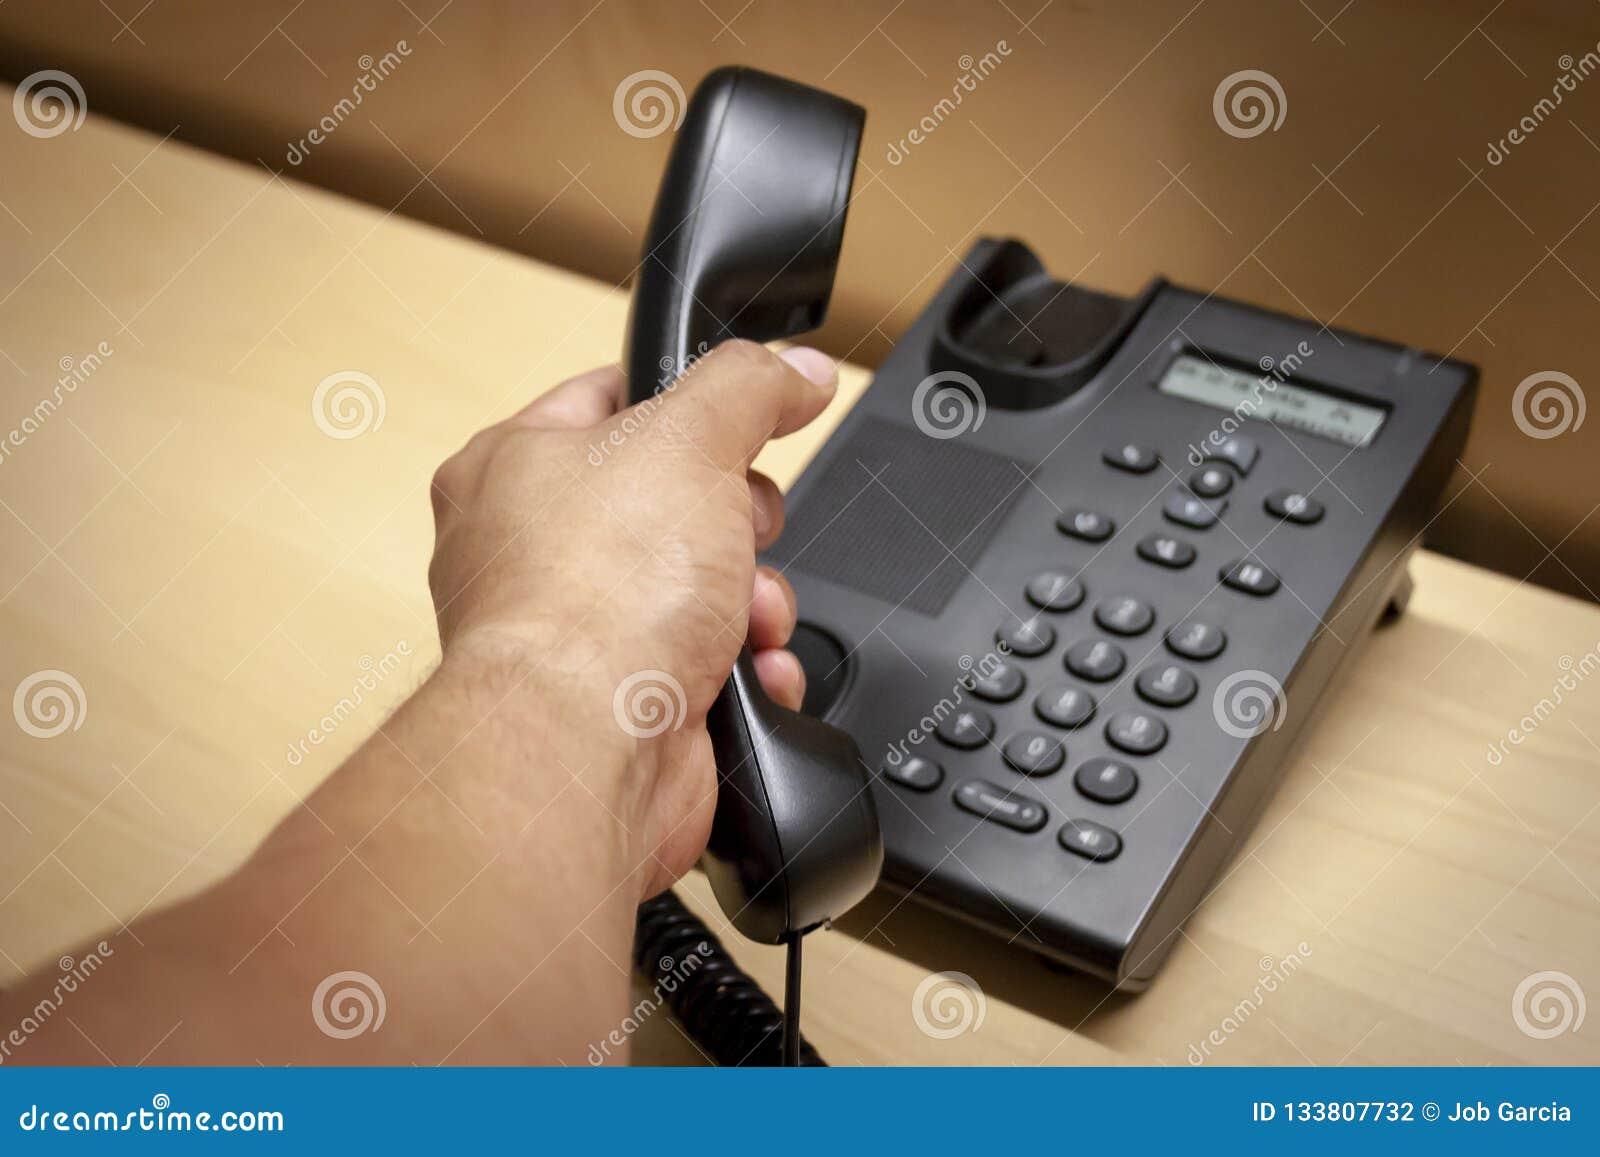 Svara en appell från en svart telefon